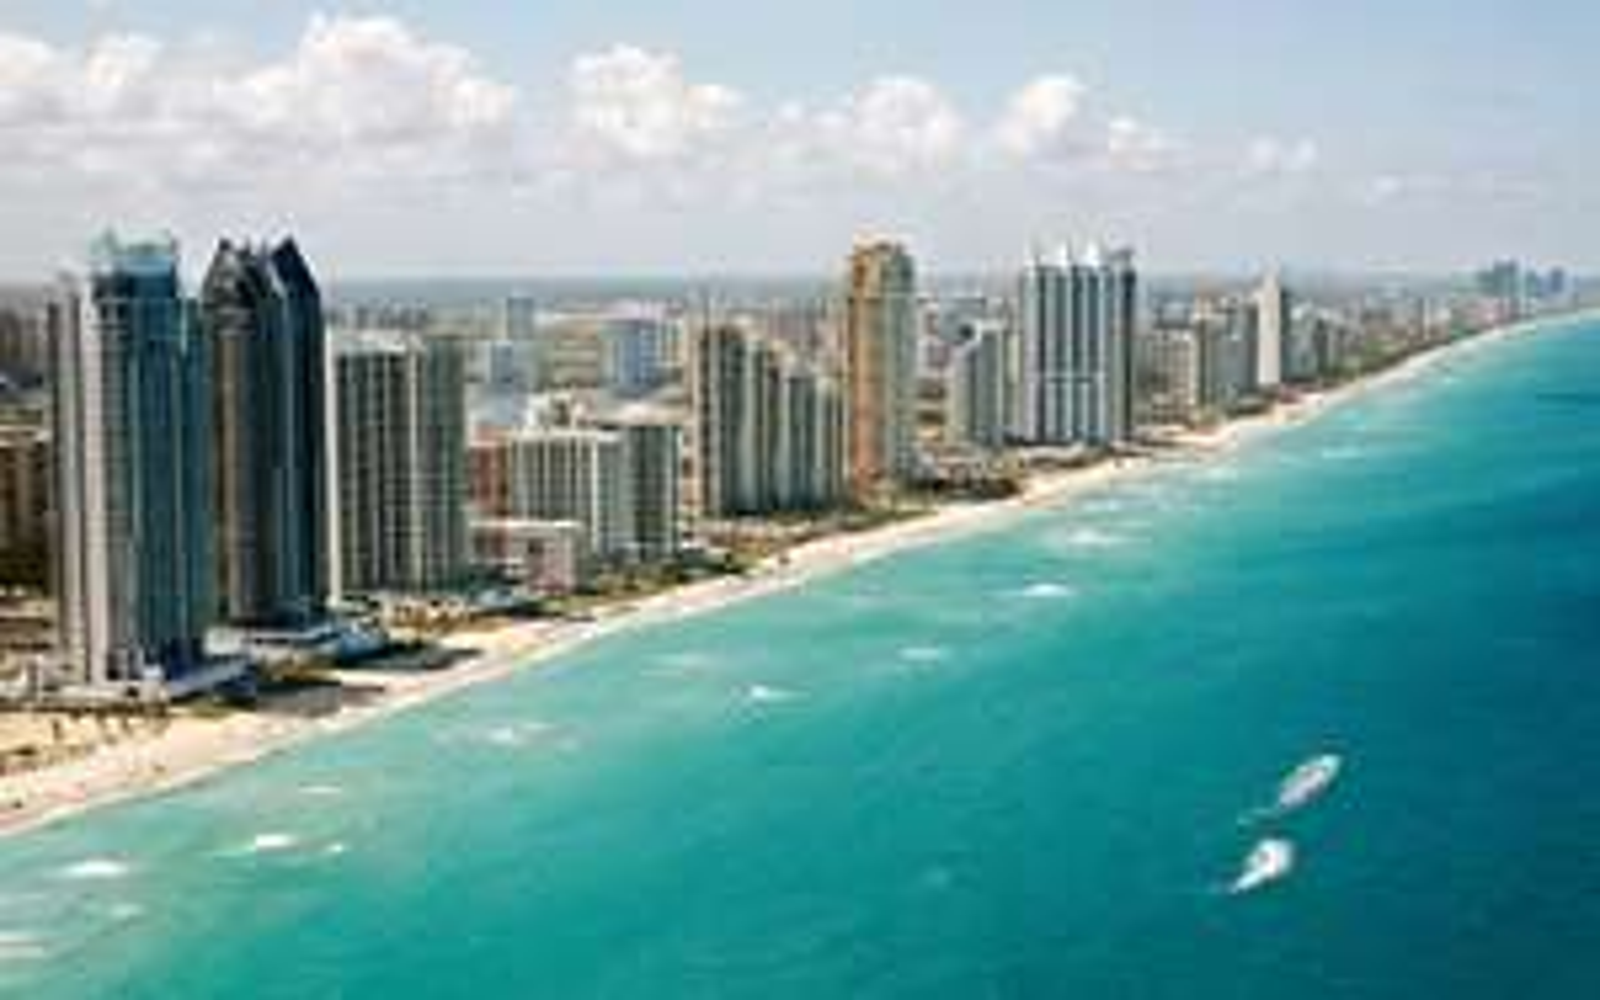 Flüge: Miami / USA ( September - Oktober 2019 ) Hin- und Rückflug von Brüssel nach Miami ab 249€